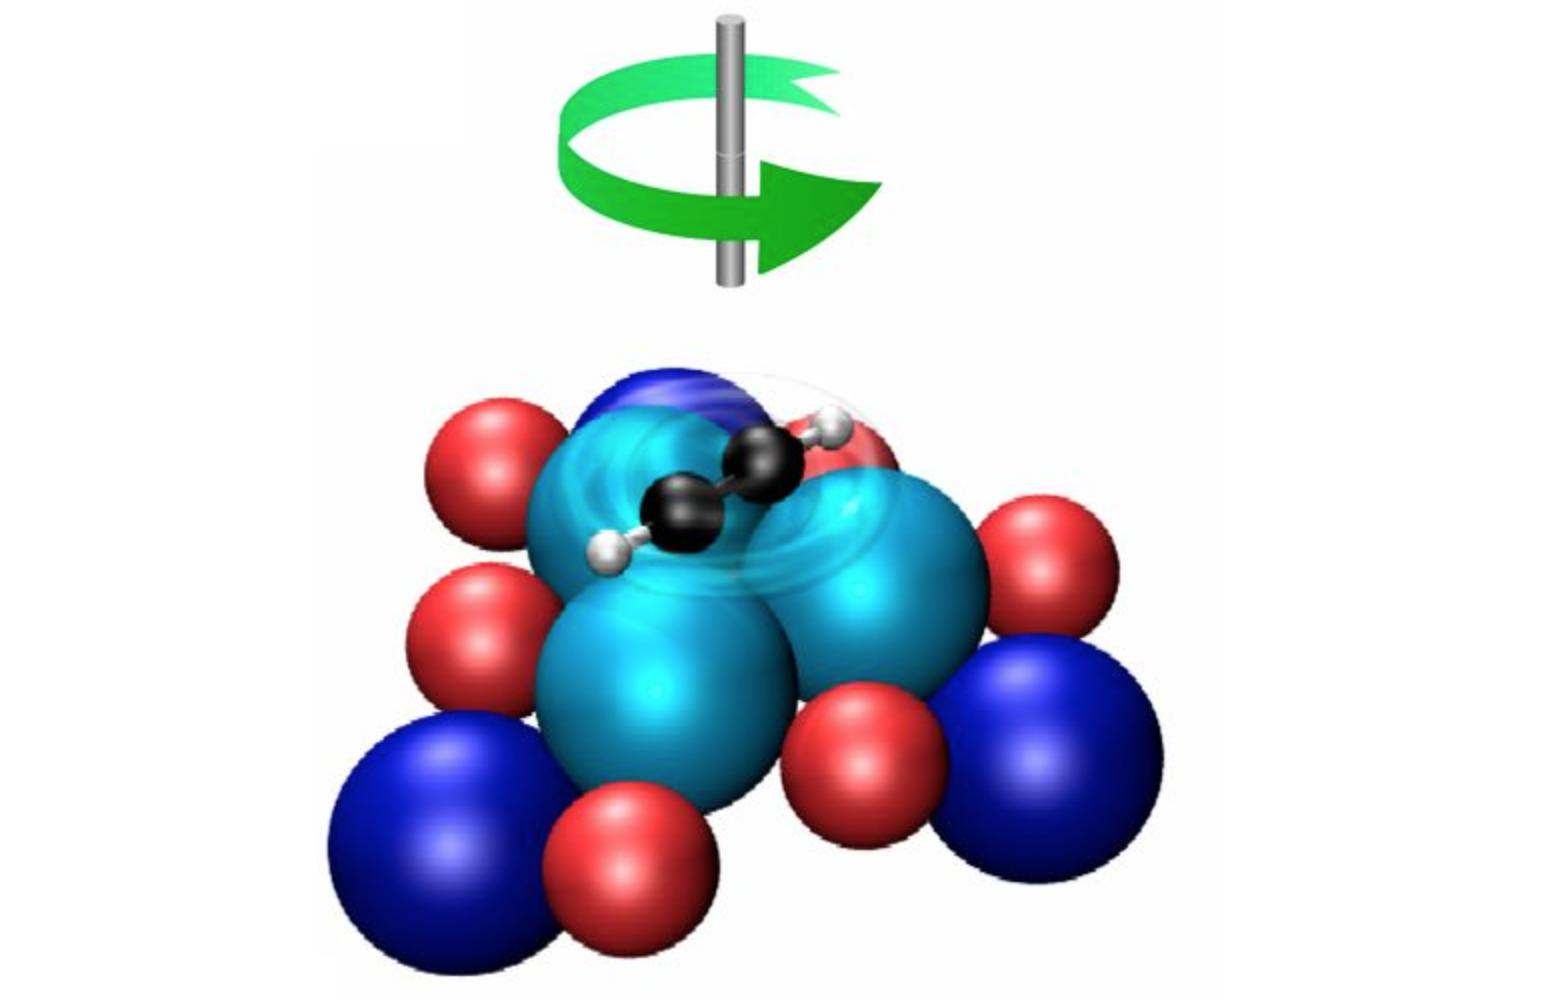 Карусель из 16 атомов: самый маленький молекулярный ротор в мире - 1